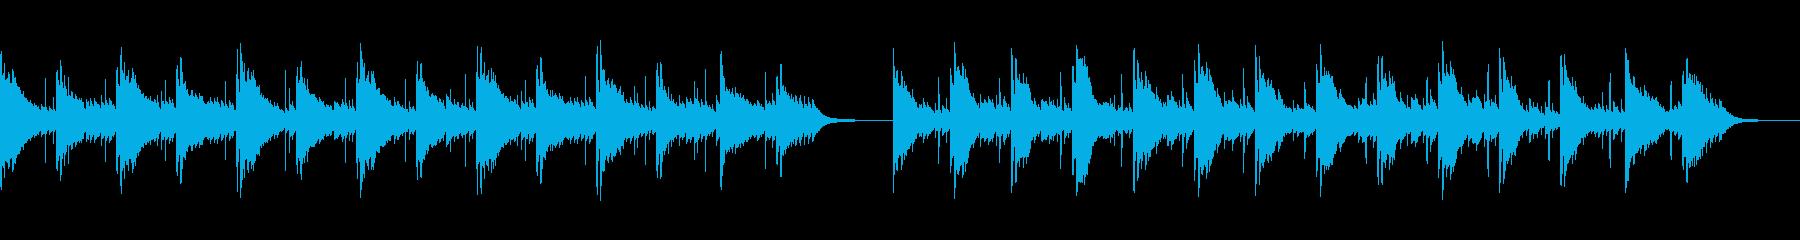 サスペンスやホラー等の恐怖・不安を煽る曲の再生済みの波形